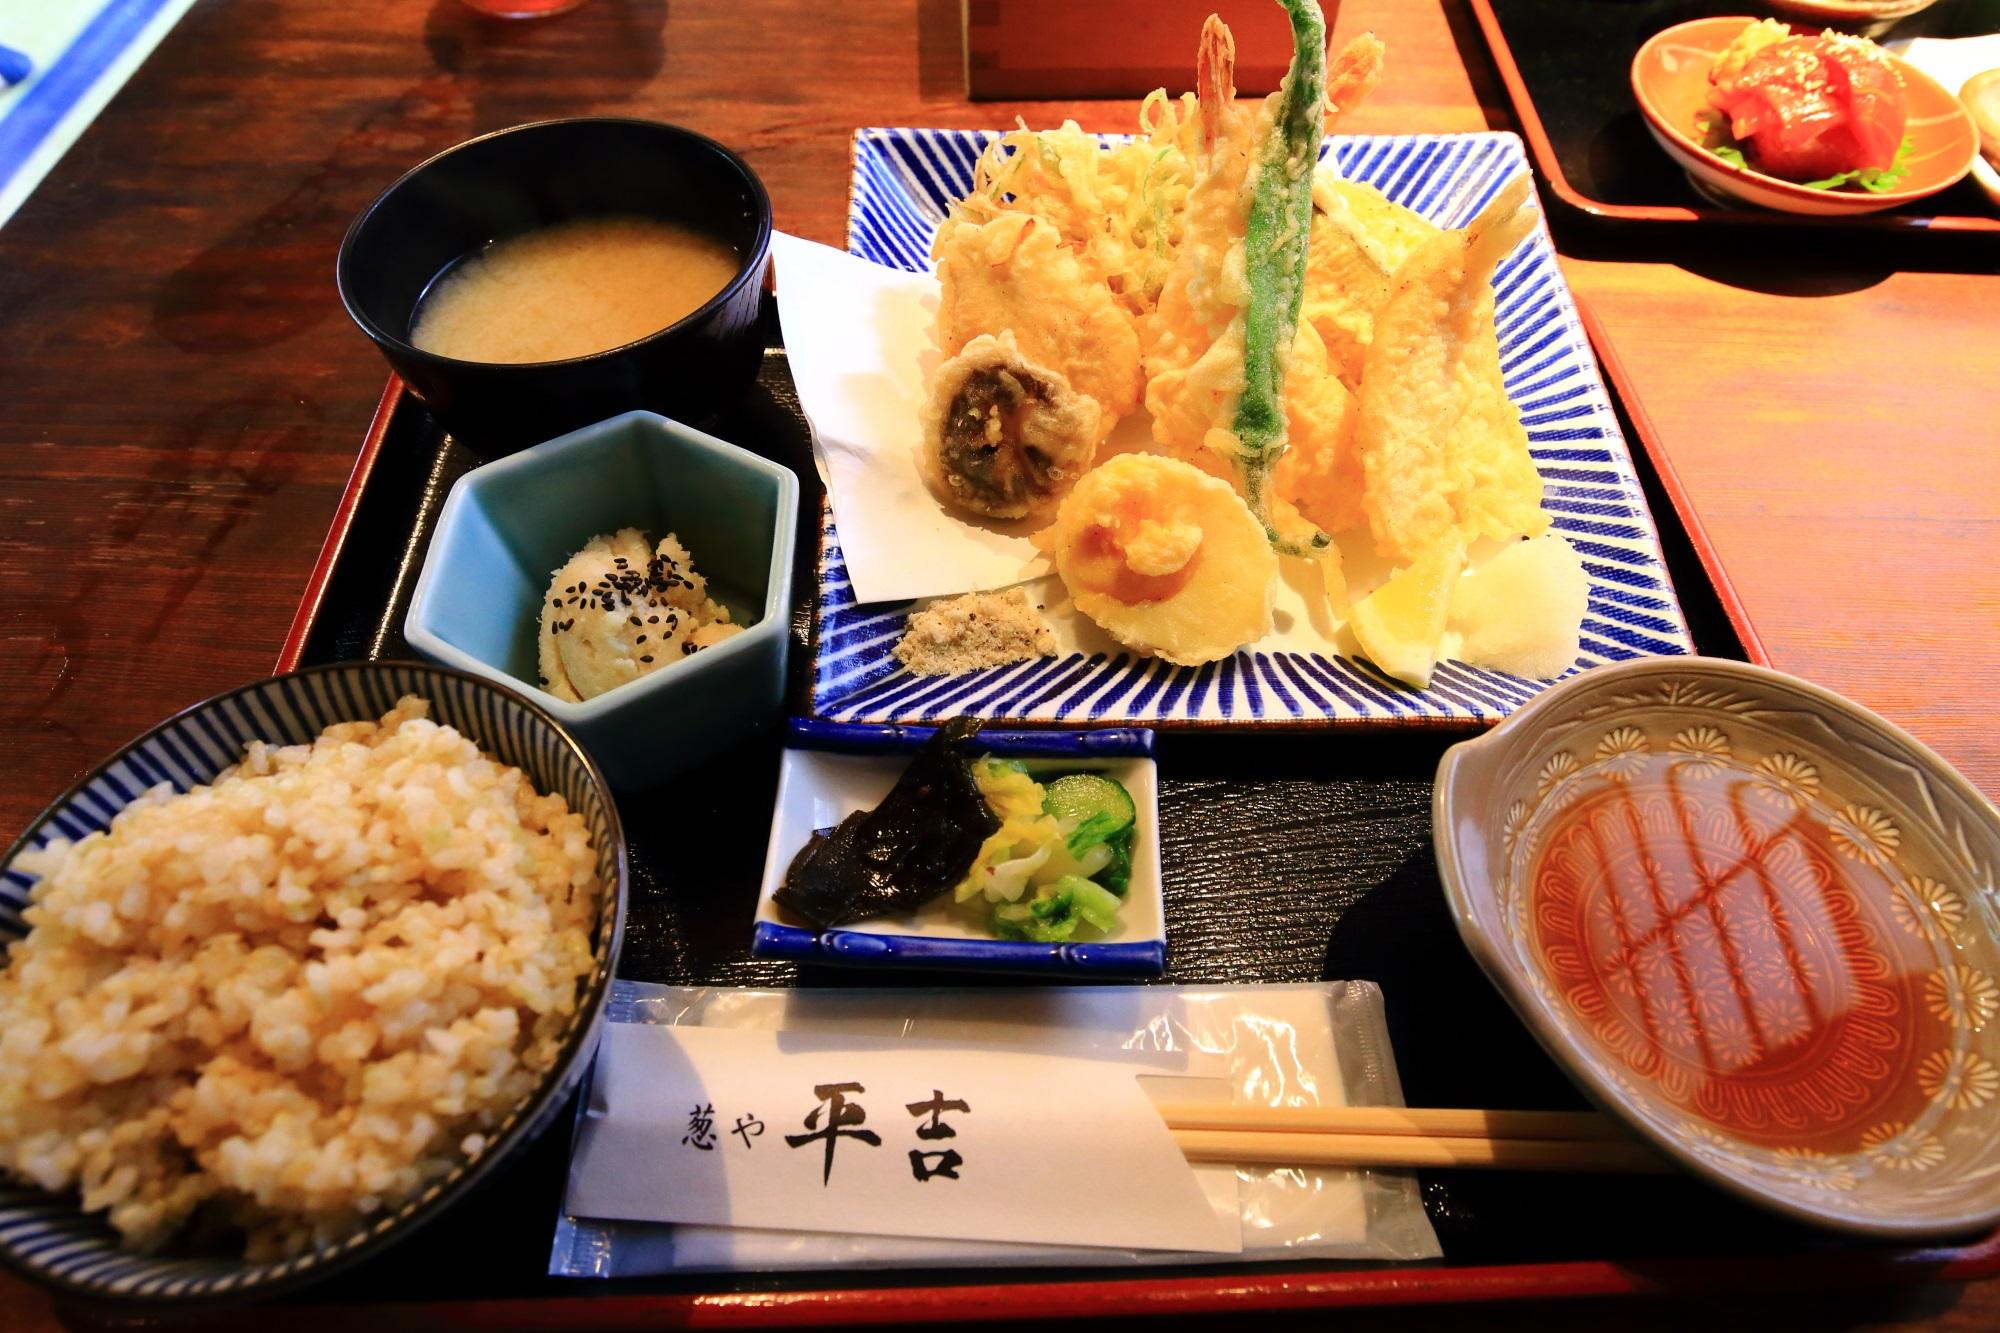 葱や天ぷら定食(税込1,296円) 葱や平吉 高瀬川店